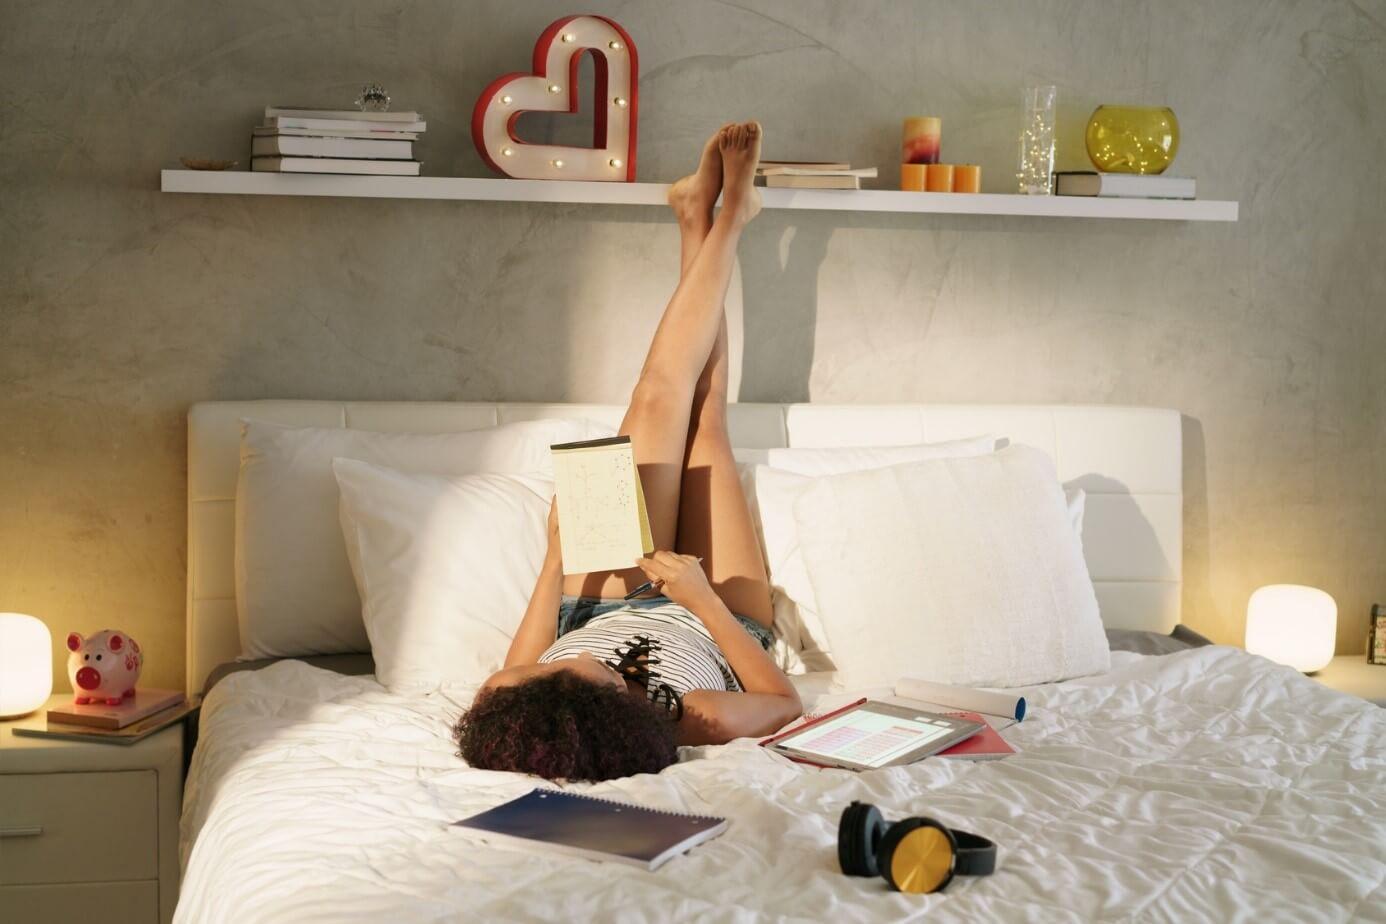 deine eigene wohnung alle tipps und infos zur eigenen wohnung. Black Bedroom Furniture Sets. Home Design Ideas